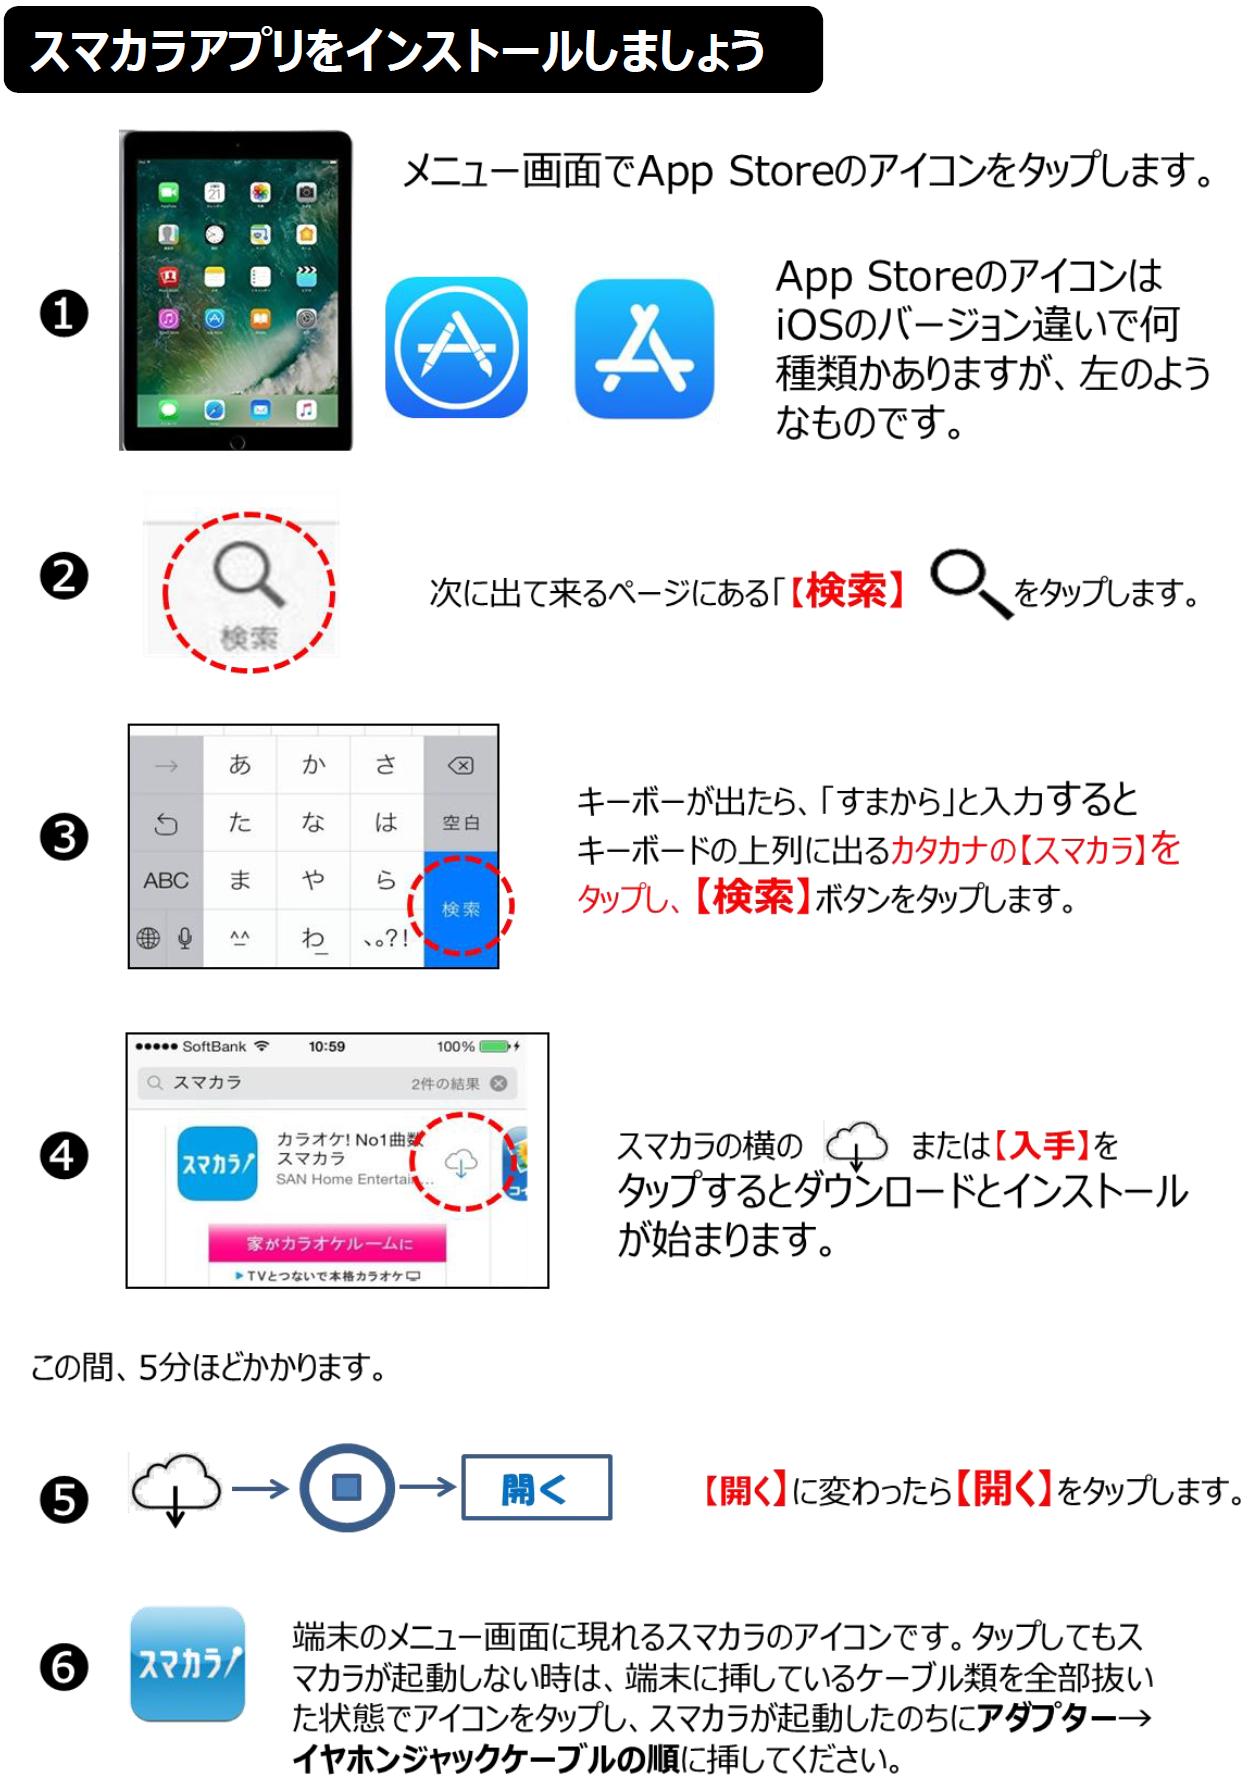 guide01